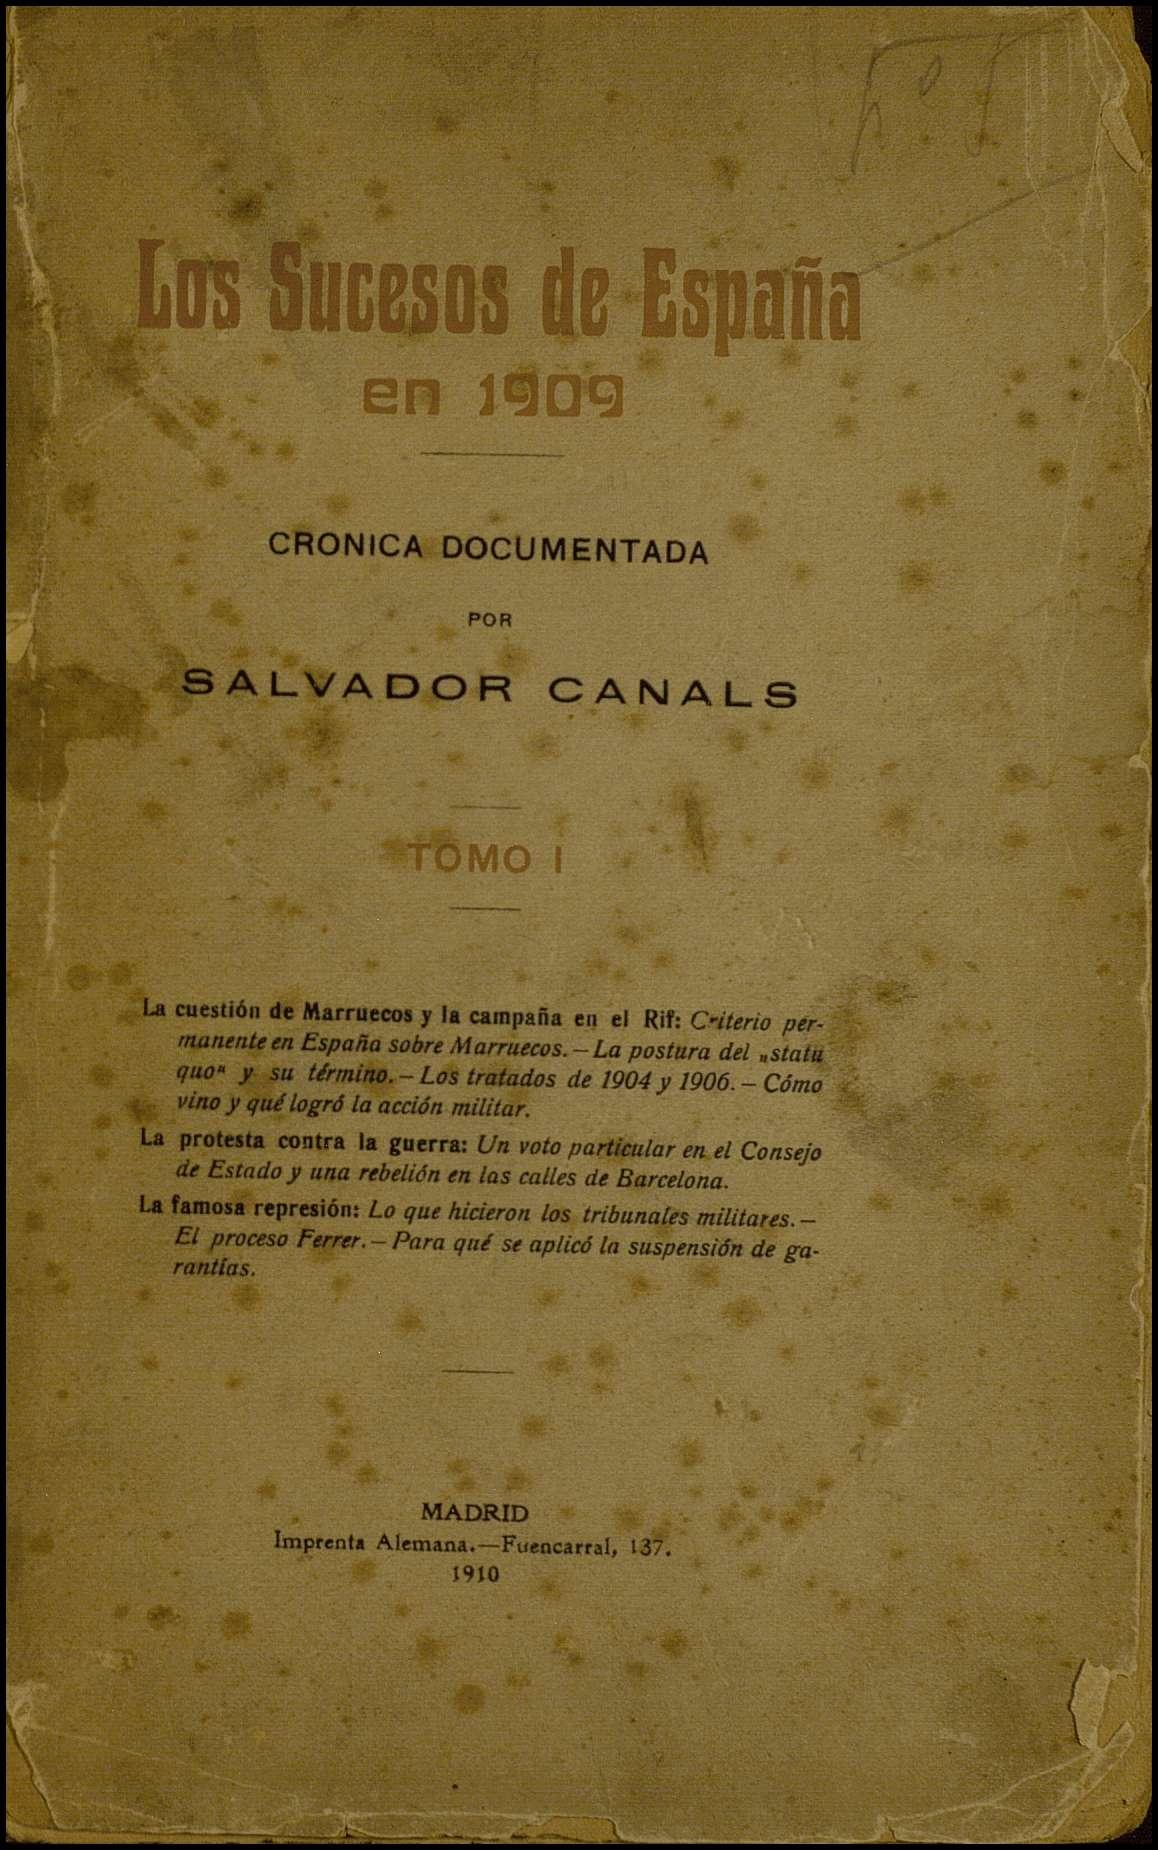 Los sucesos de España en 1909. Crónica documentada. Tomo I